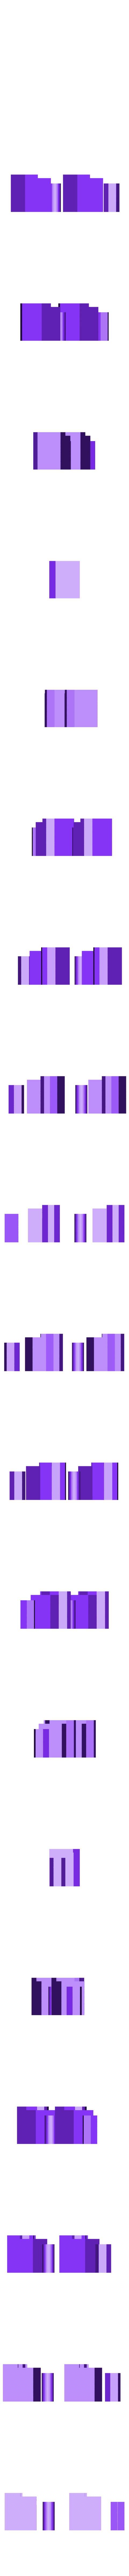 xt60_holder.obj Télécharger fichier OBJ gratuit Support XT60 pour ZMR250 • Design pour imprimante 3D, LydiaPy